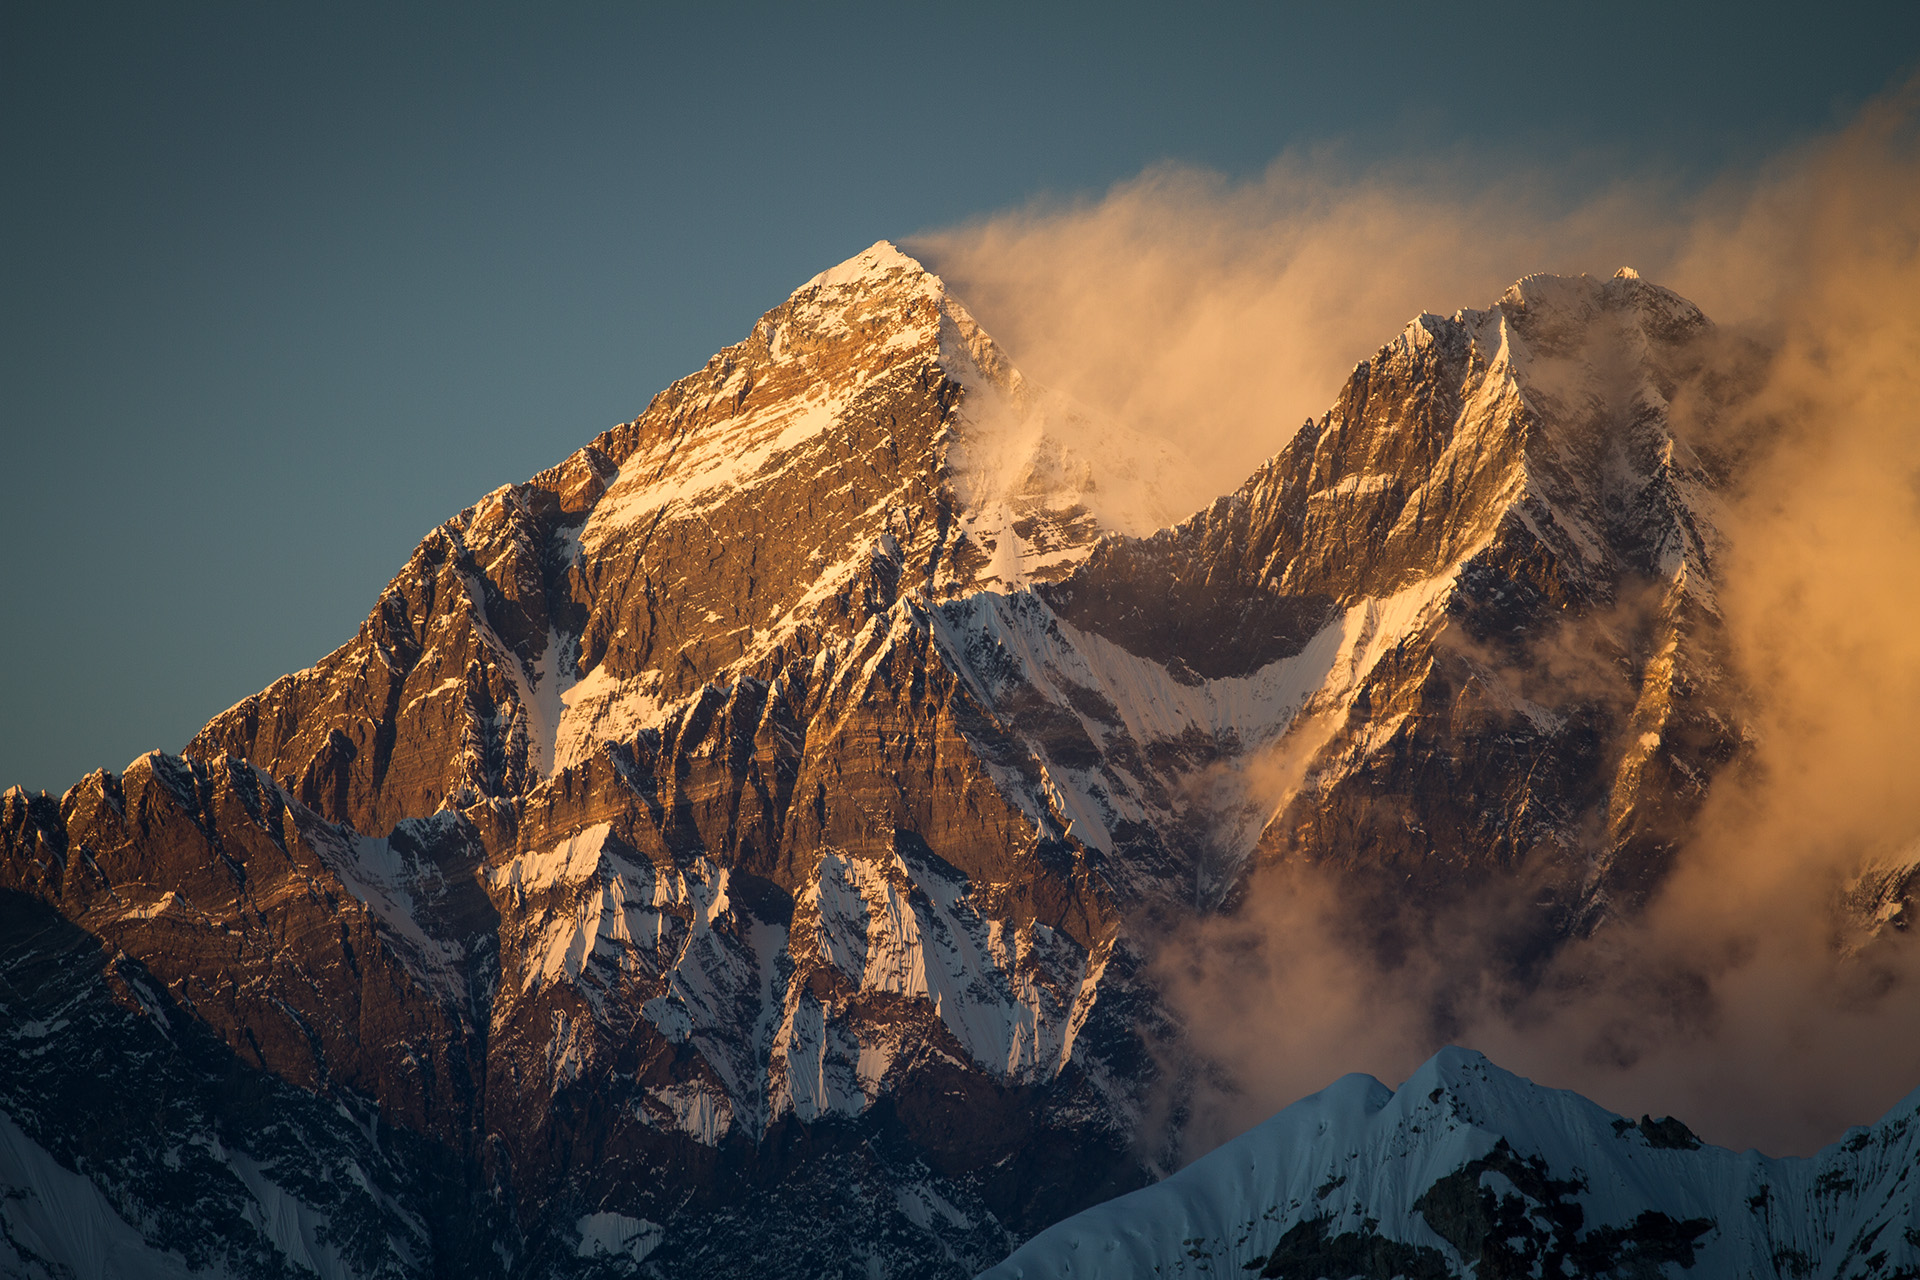 эверест фотографии высокого разрешения предложить вашему